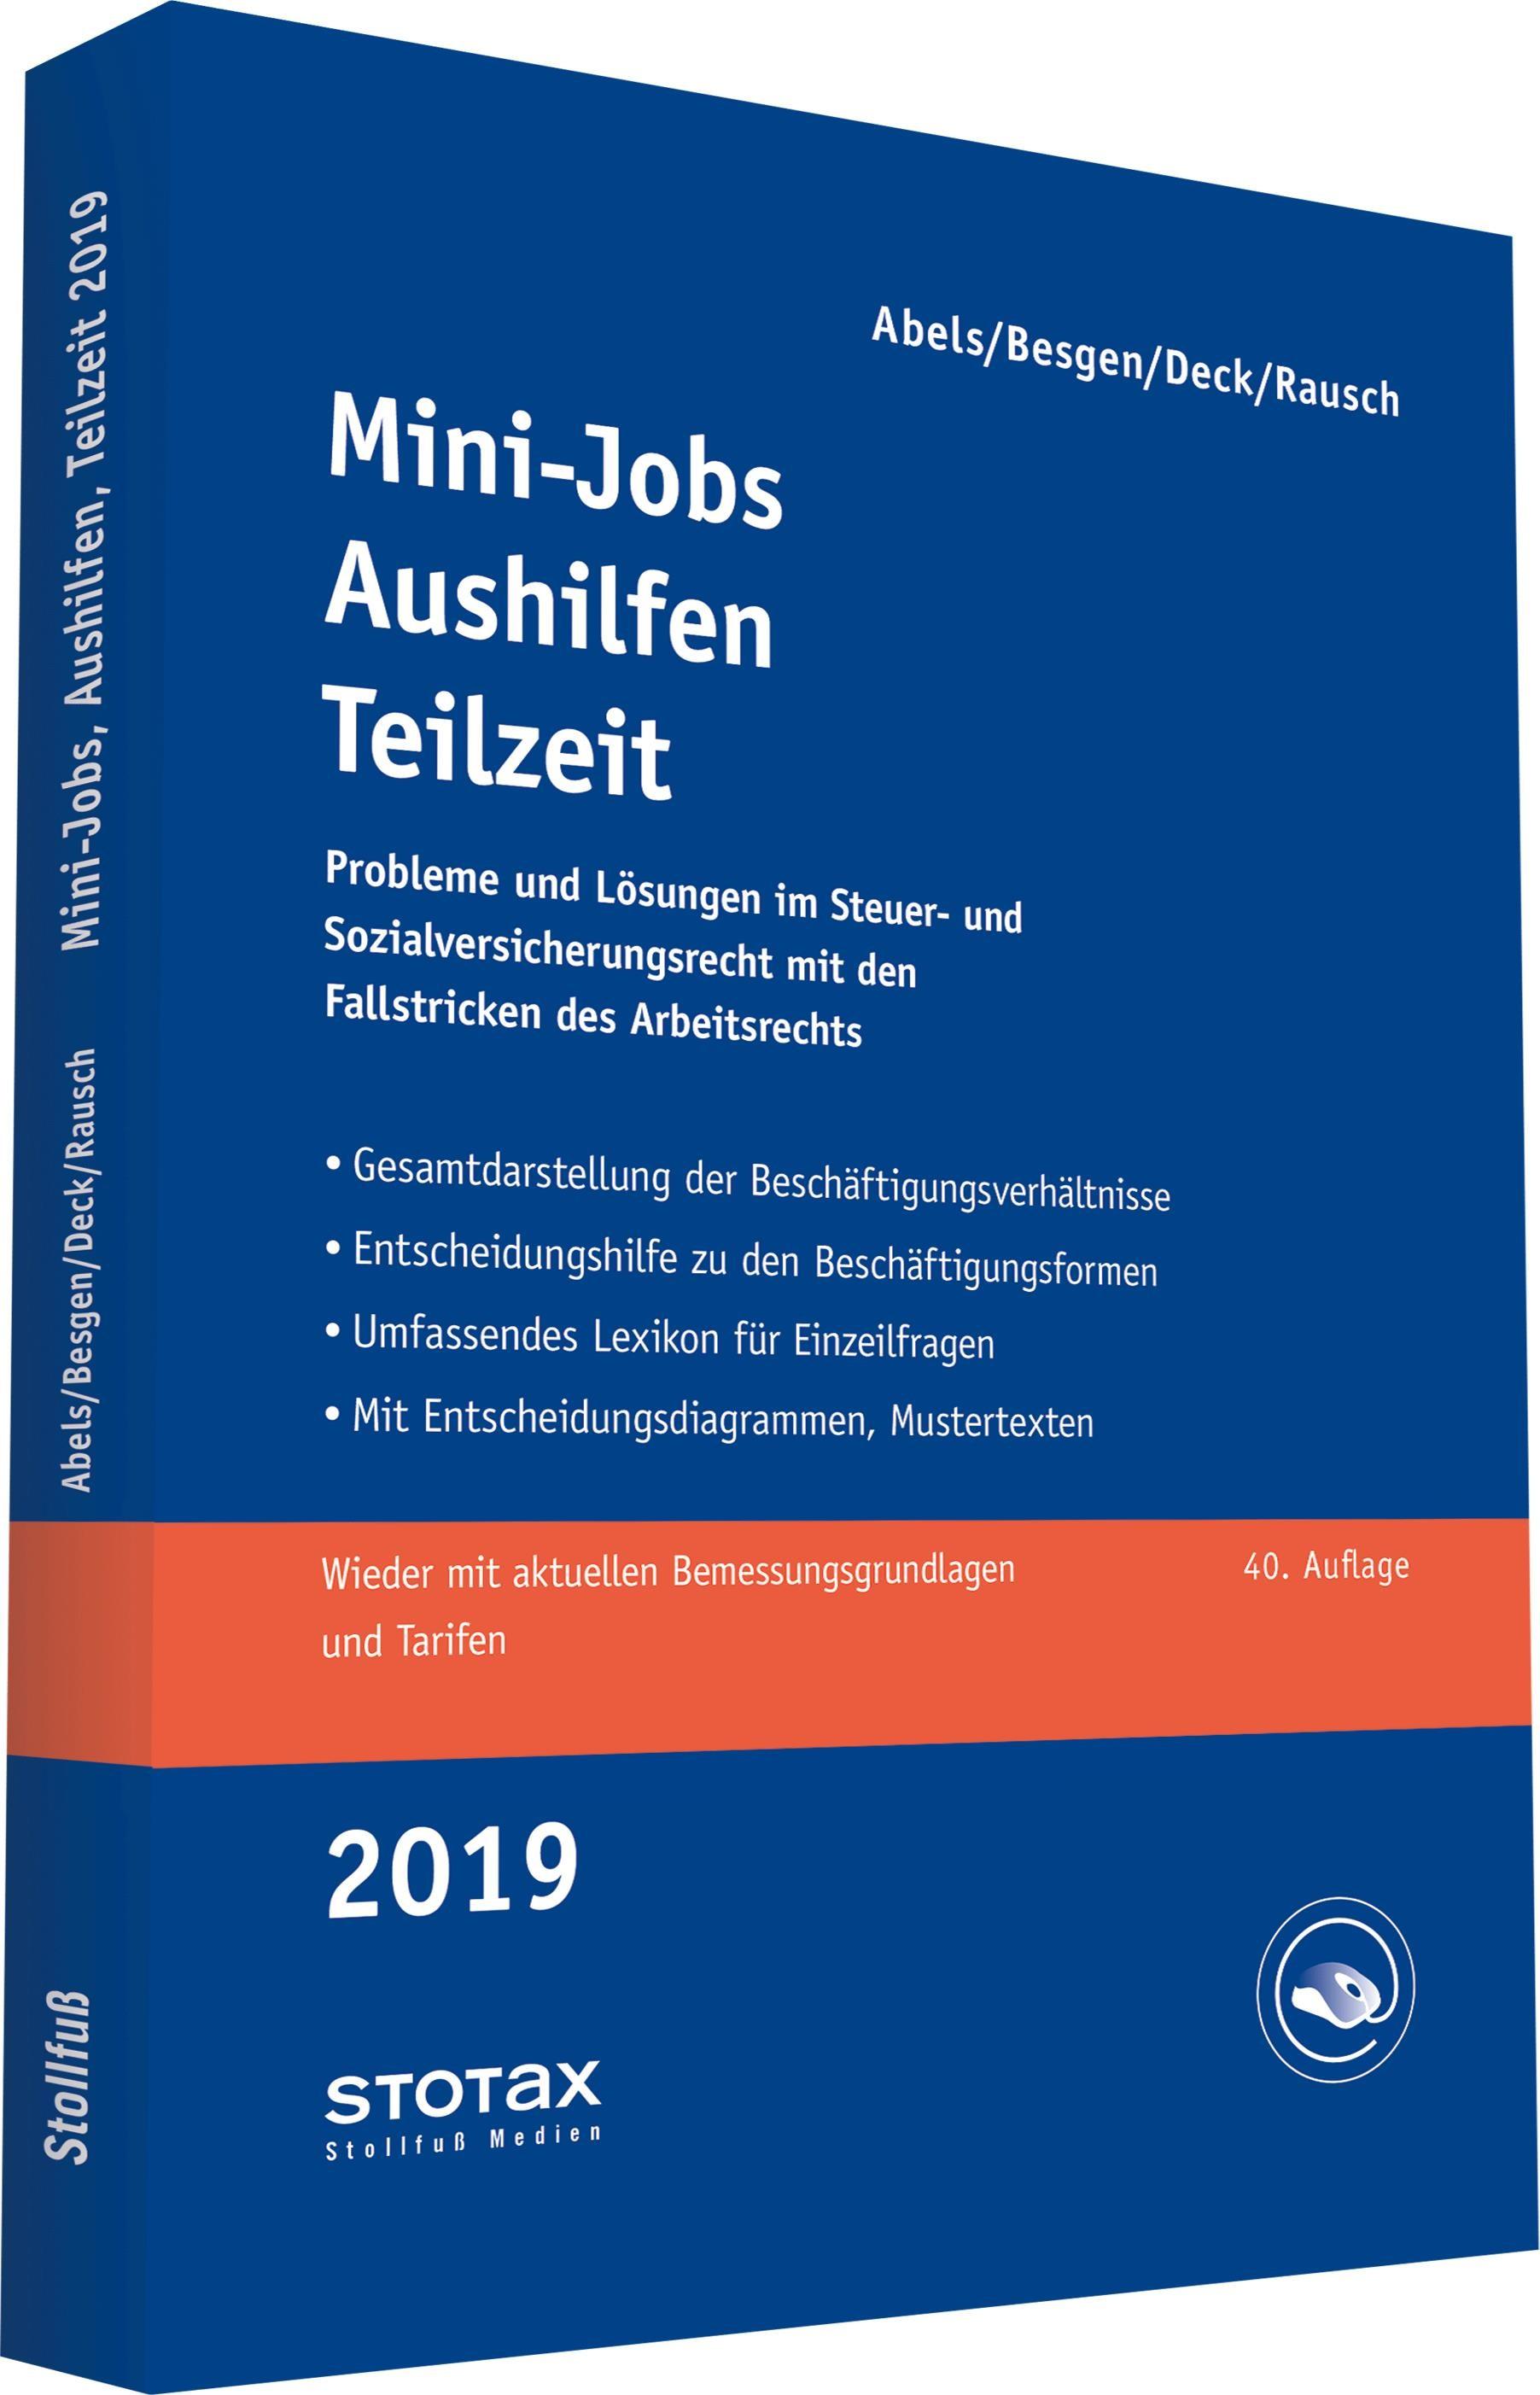 Mini-Jobs, Aushilfen, Teilzeit 2019 | Abels / Besgen / Deck / Rausch | 40. Auflage, 2018 | Buch (Cover)